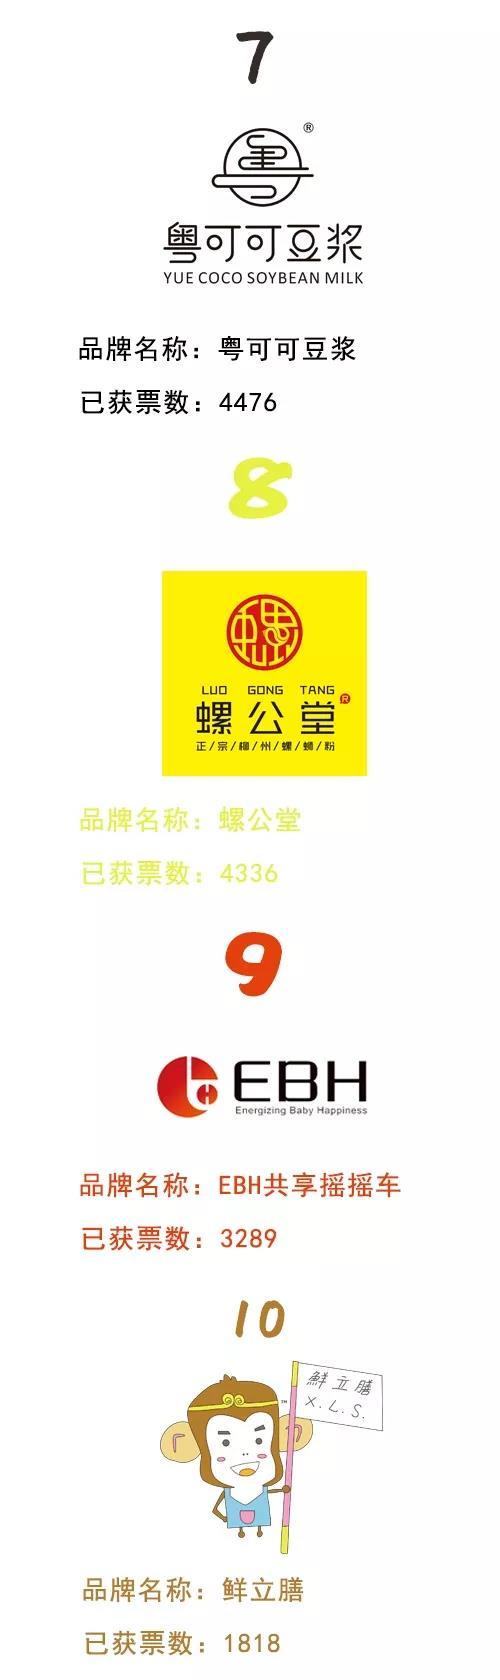 廣州特許加盟展-廣州特許加盟展覽會3